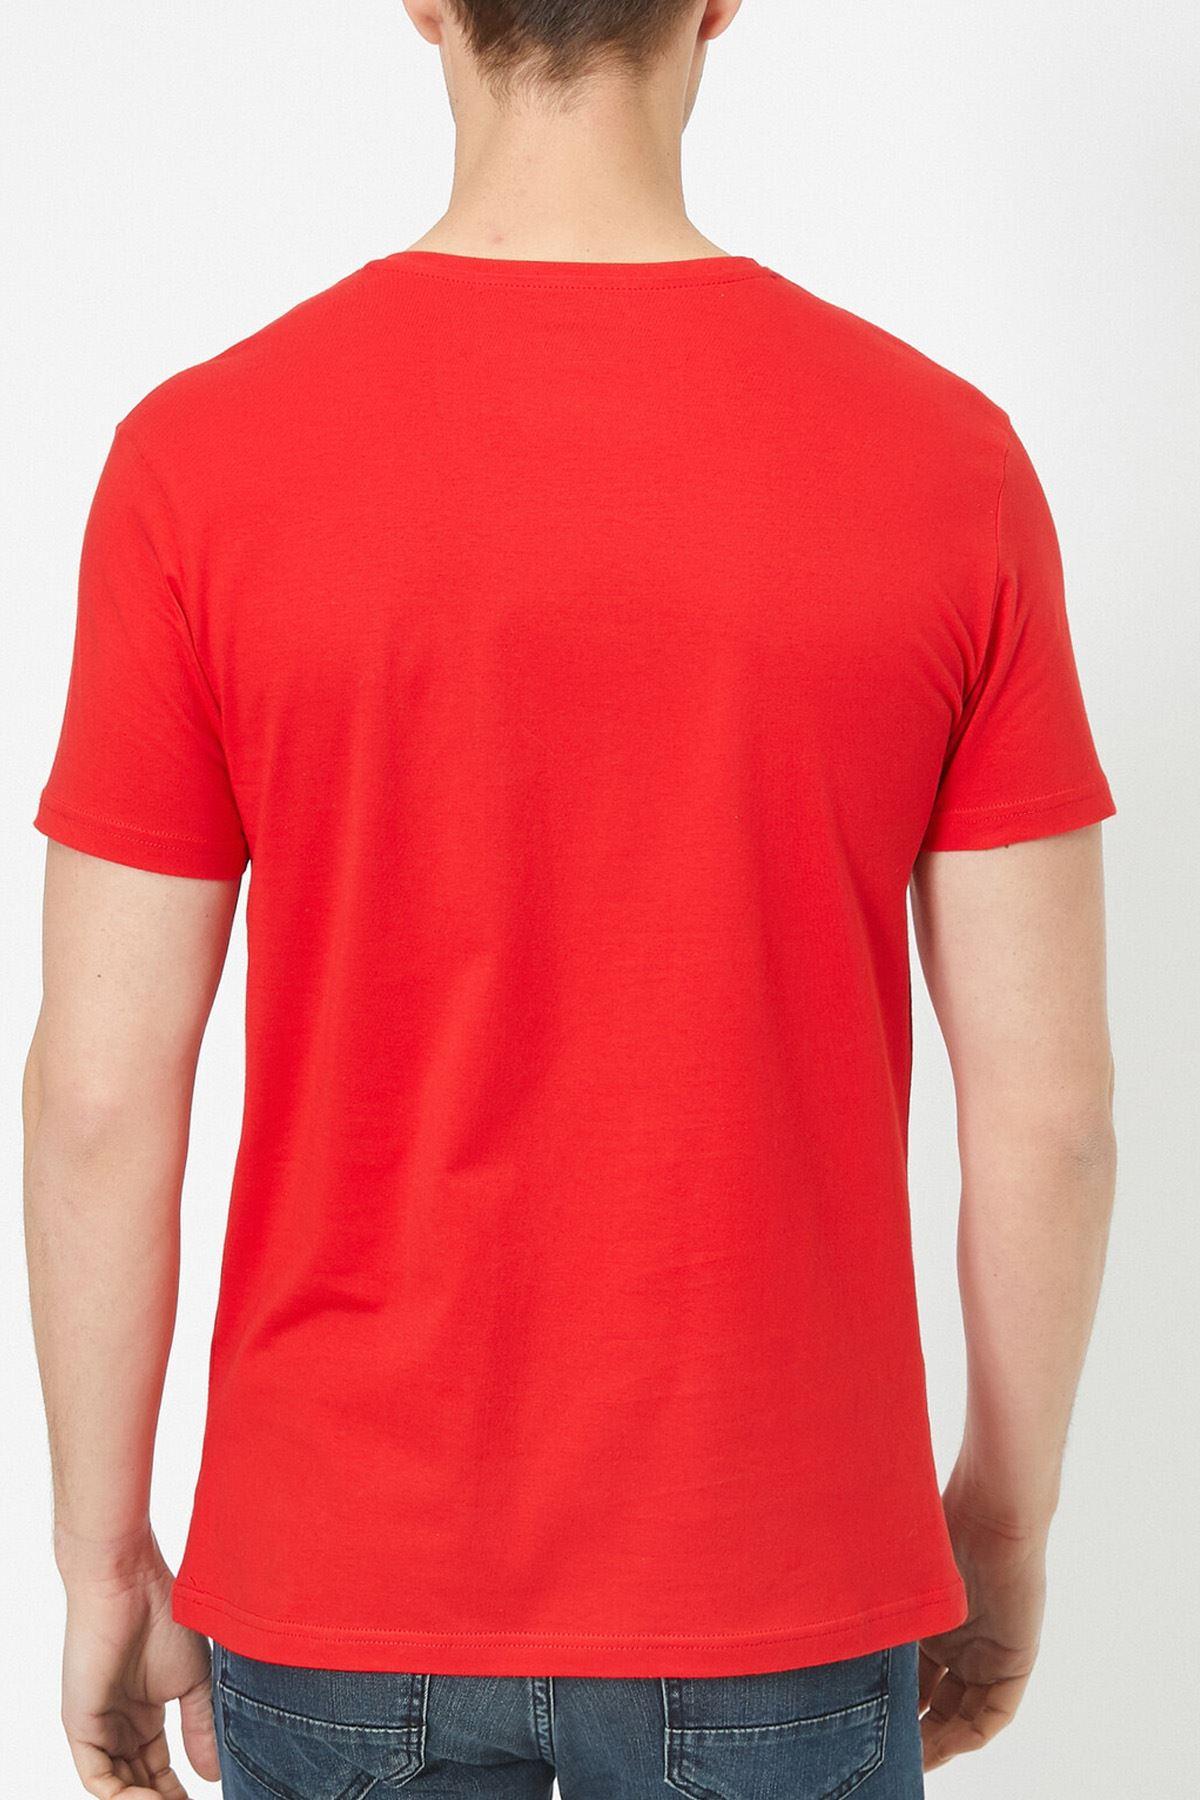 Anime Ryukkira 02 Kırmızı Erkek Tshirt - Tişört